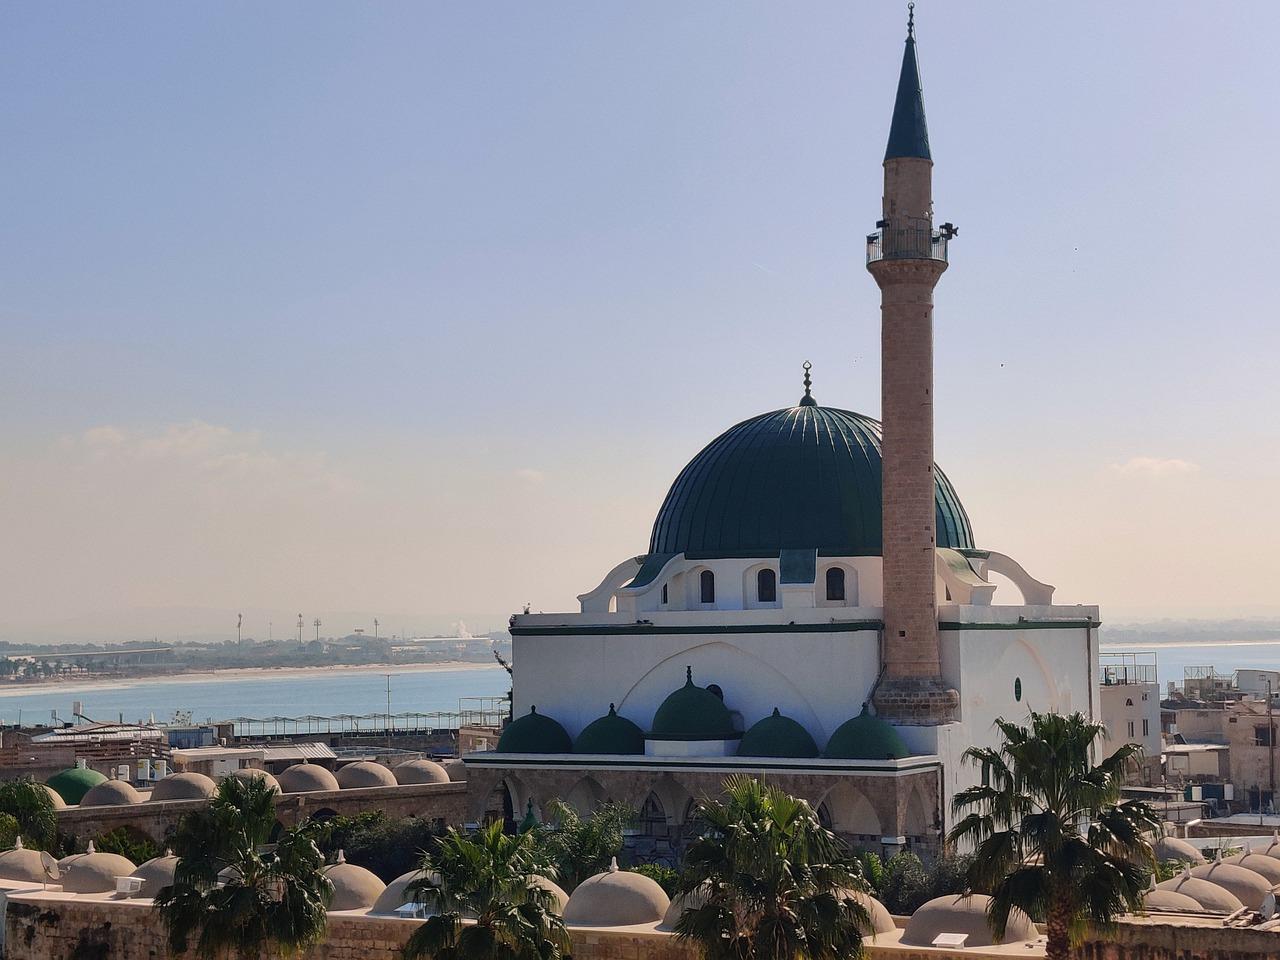 مدينة عكا الفلسطينية وأجمل المعالم السياحية فيها